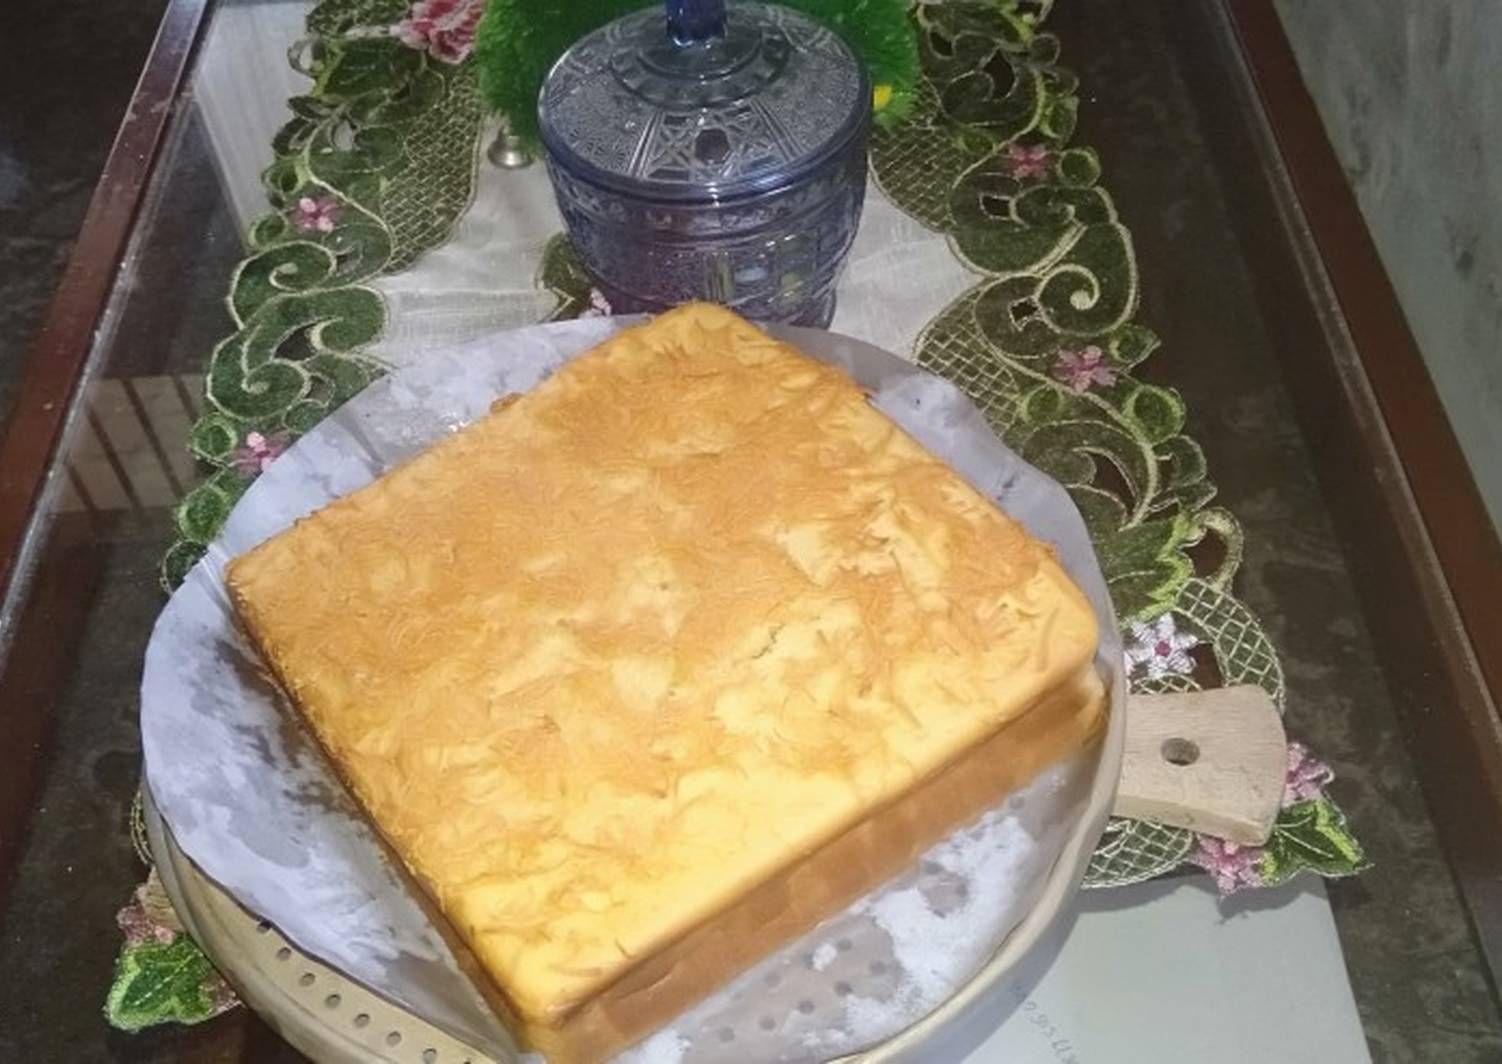 Resep Cake Kentang Keju Oleh Patricia Cicilia Salampessy Resep Keju Makanan Kentang